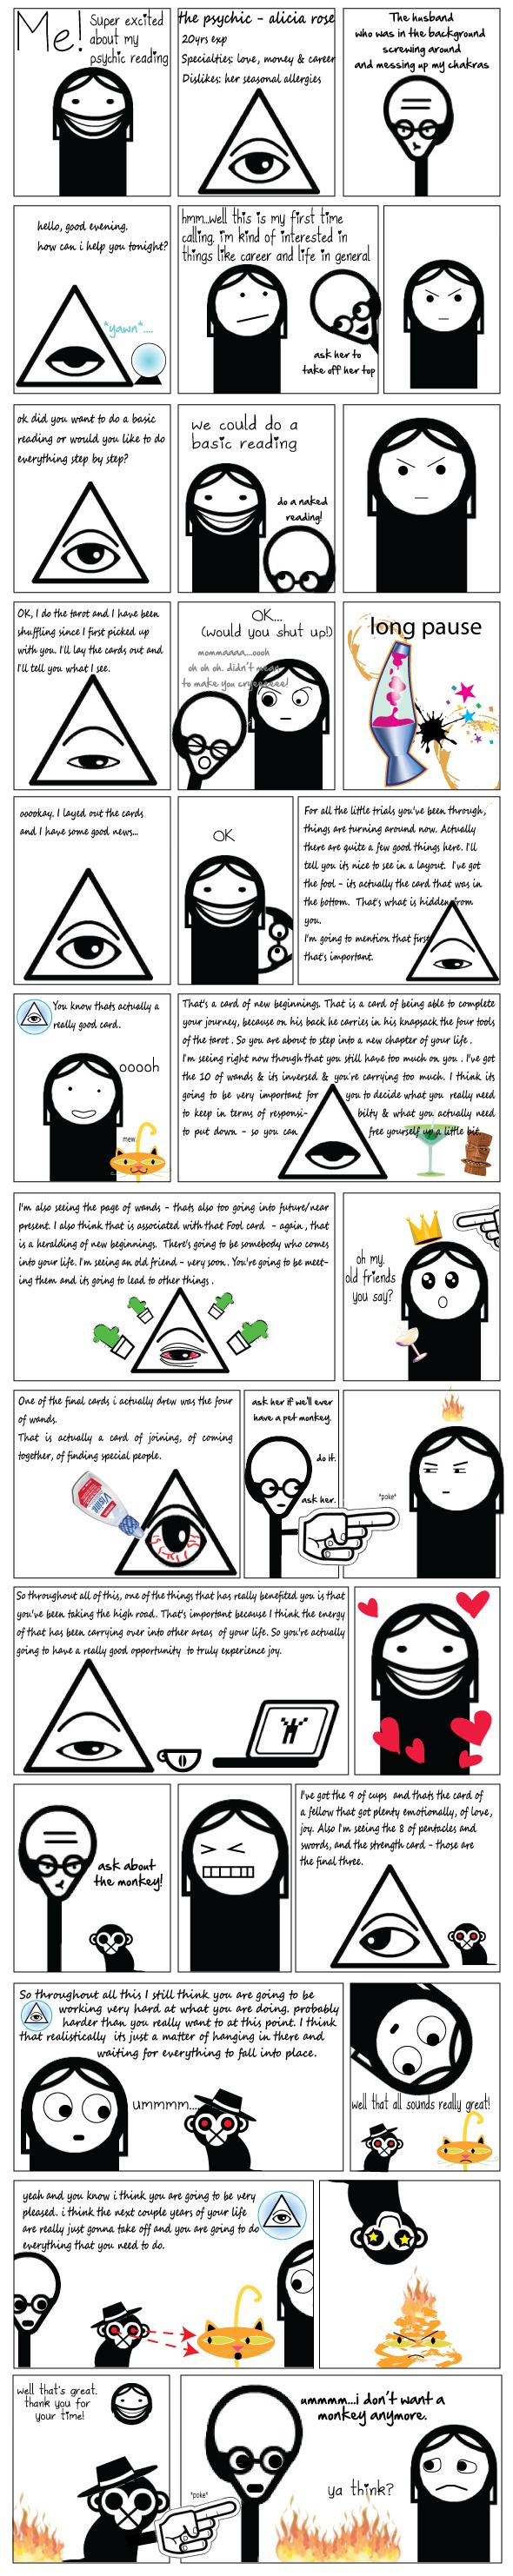 psychic-fnal